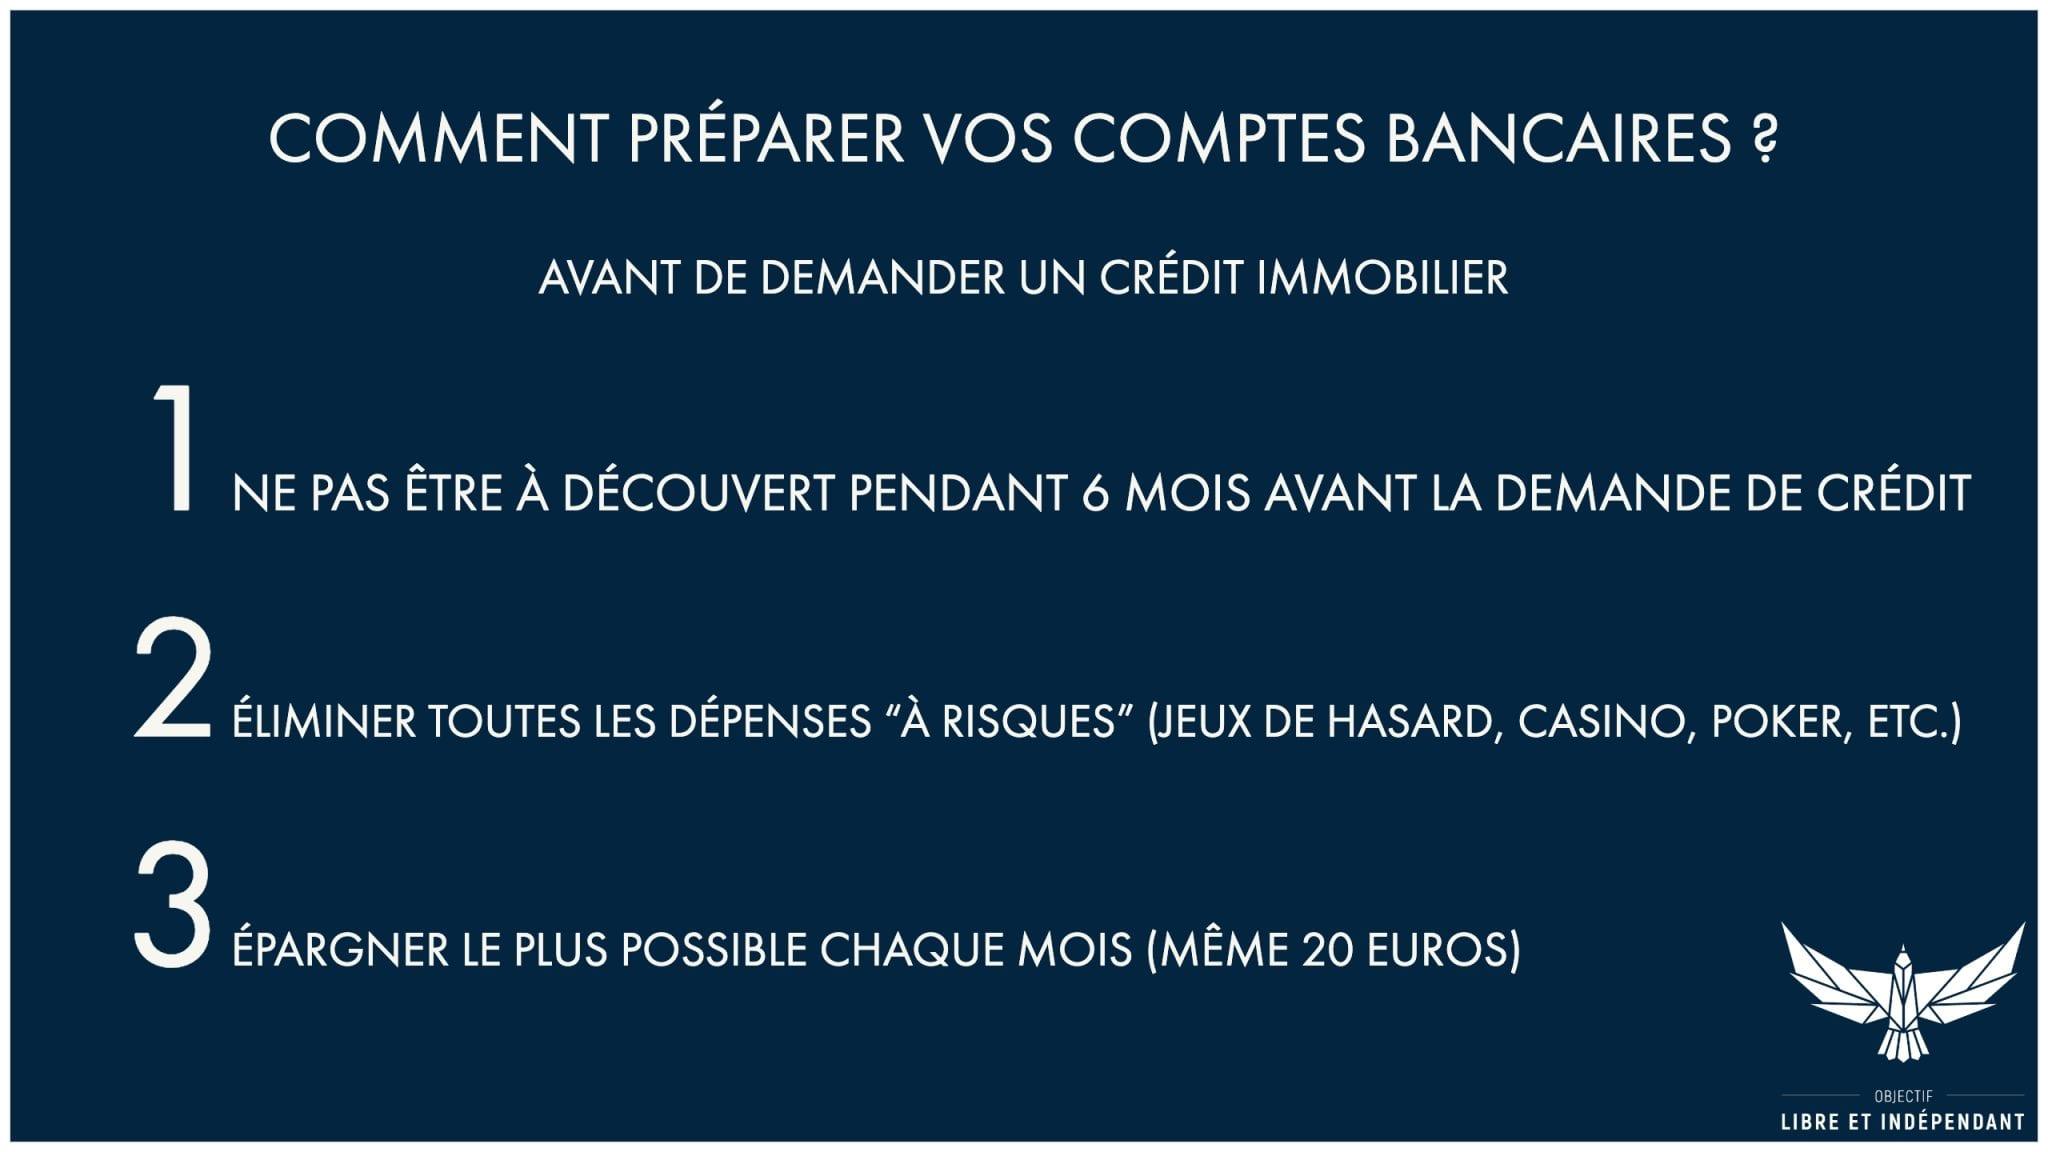 Comment préparer vos comptes pour obtenir un prêt